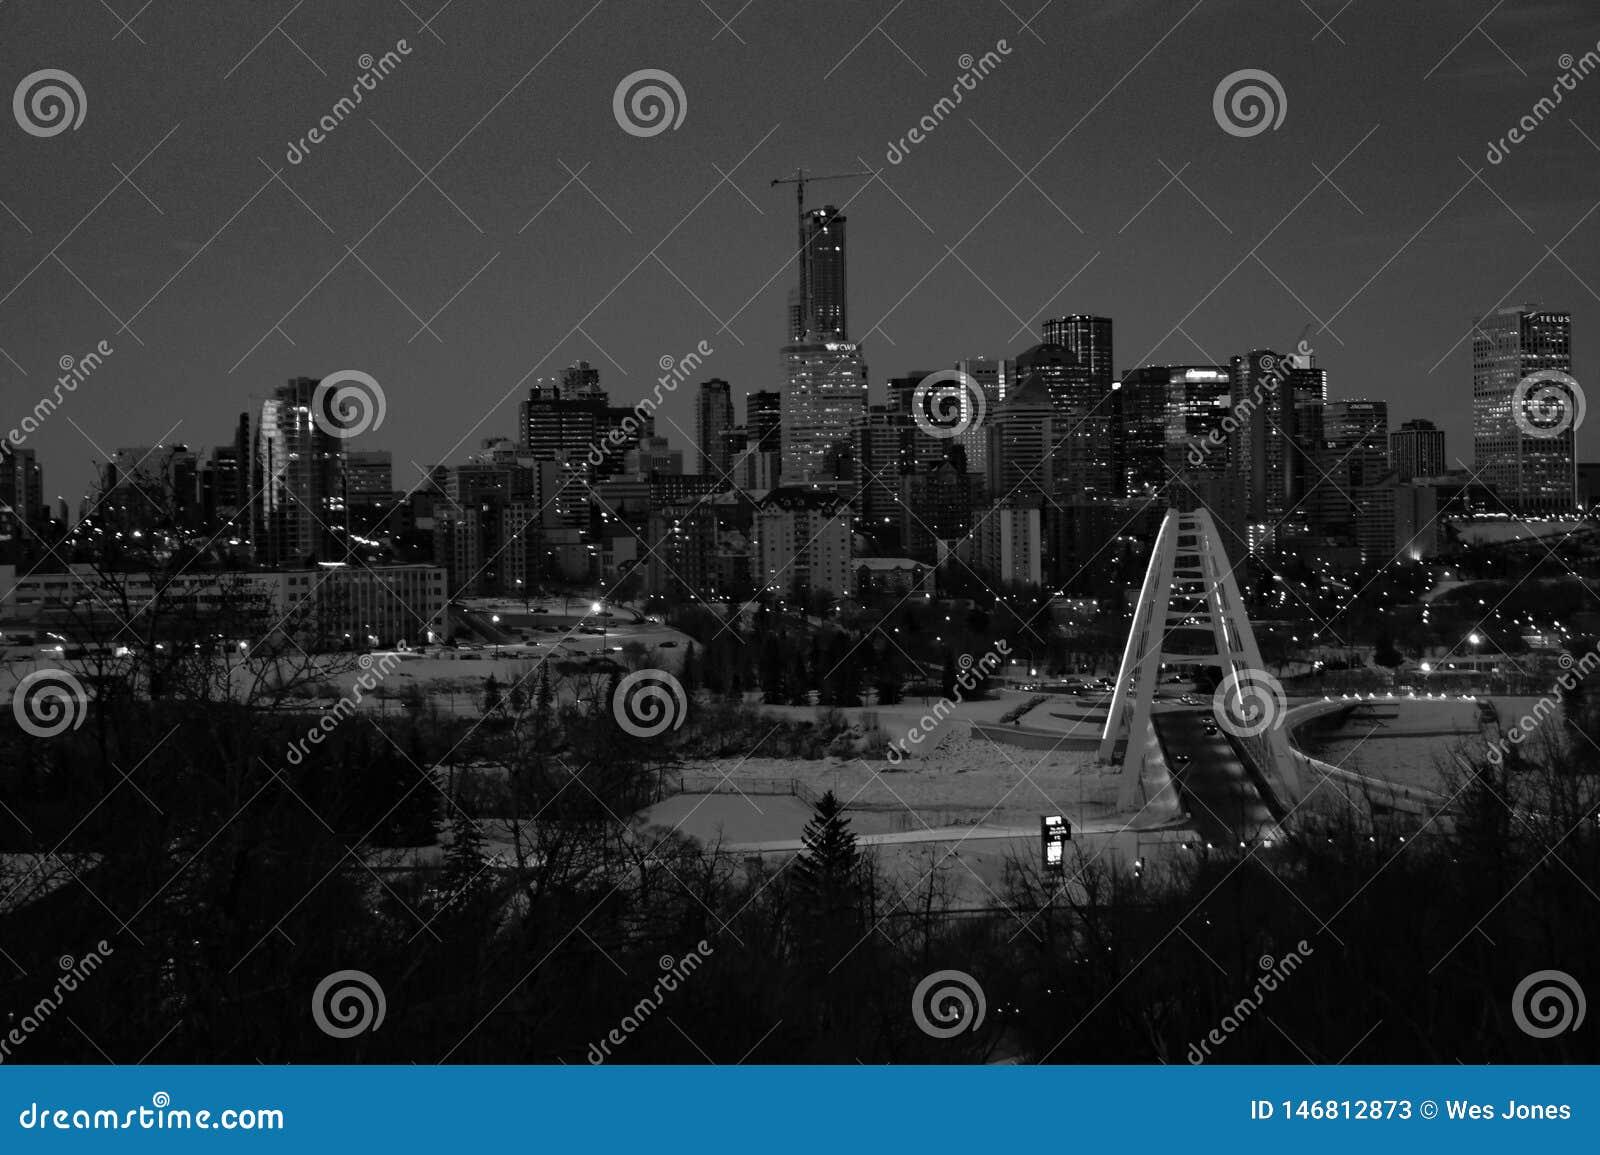 Paesaggio urbano in bianco e nero di Edmonton, Alberta, Canada